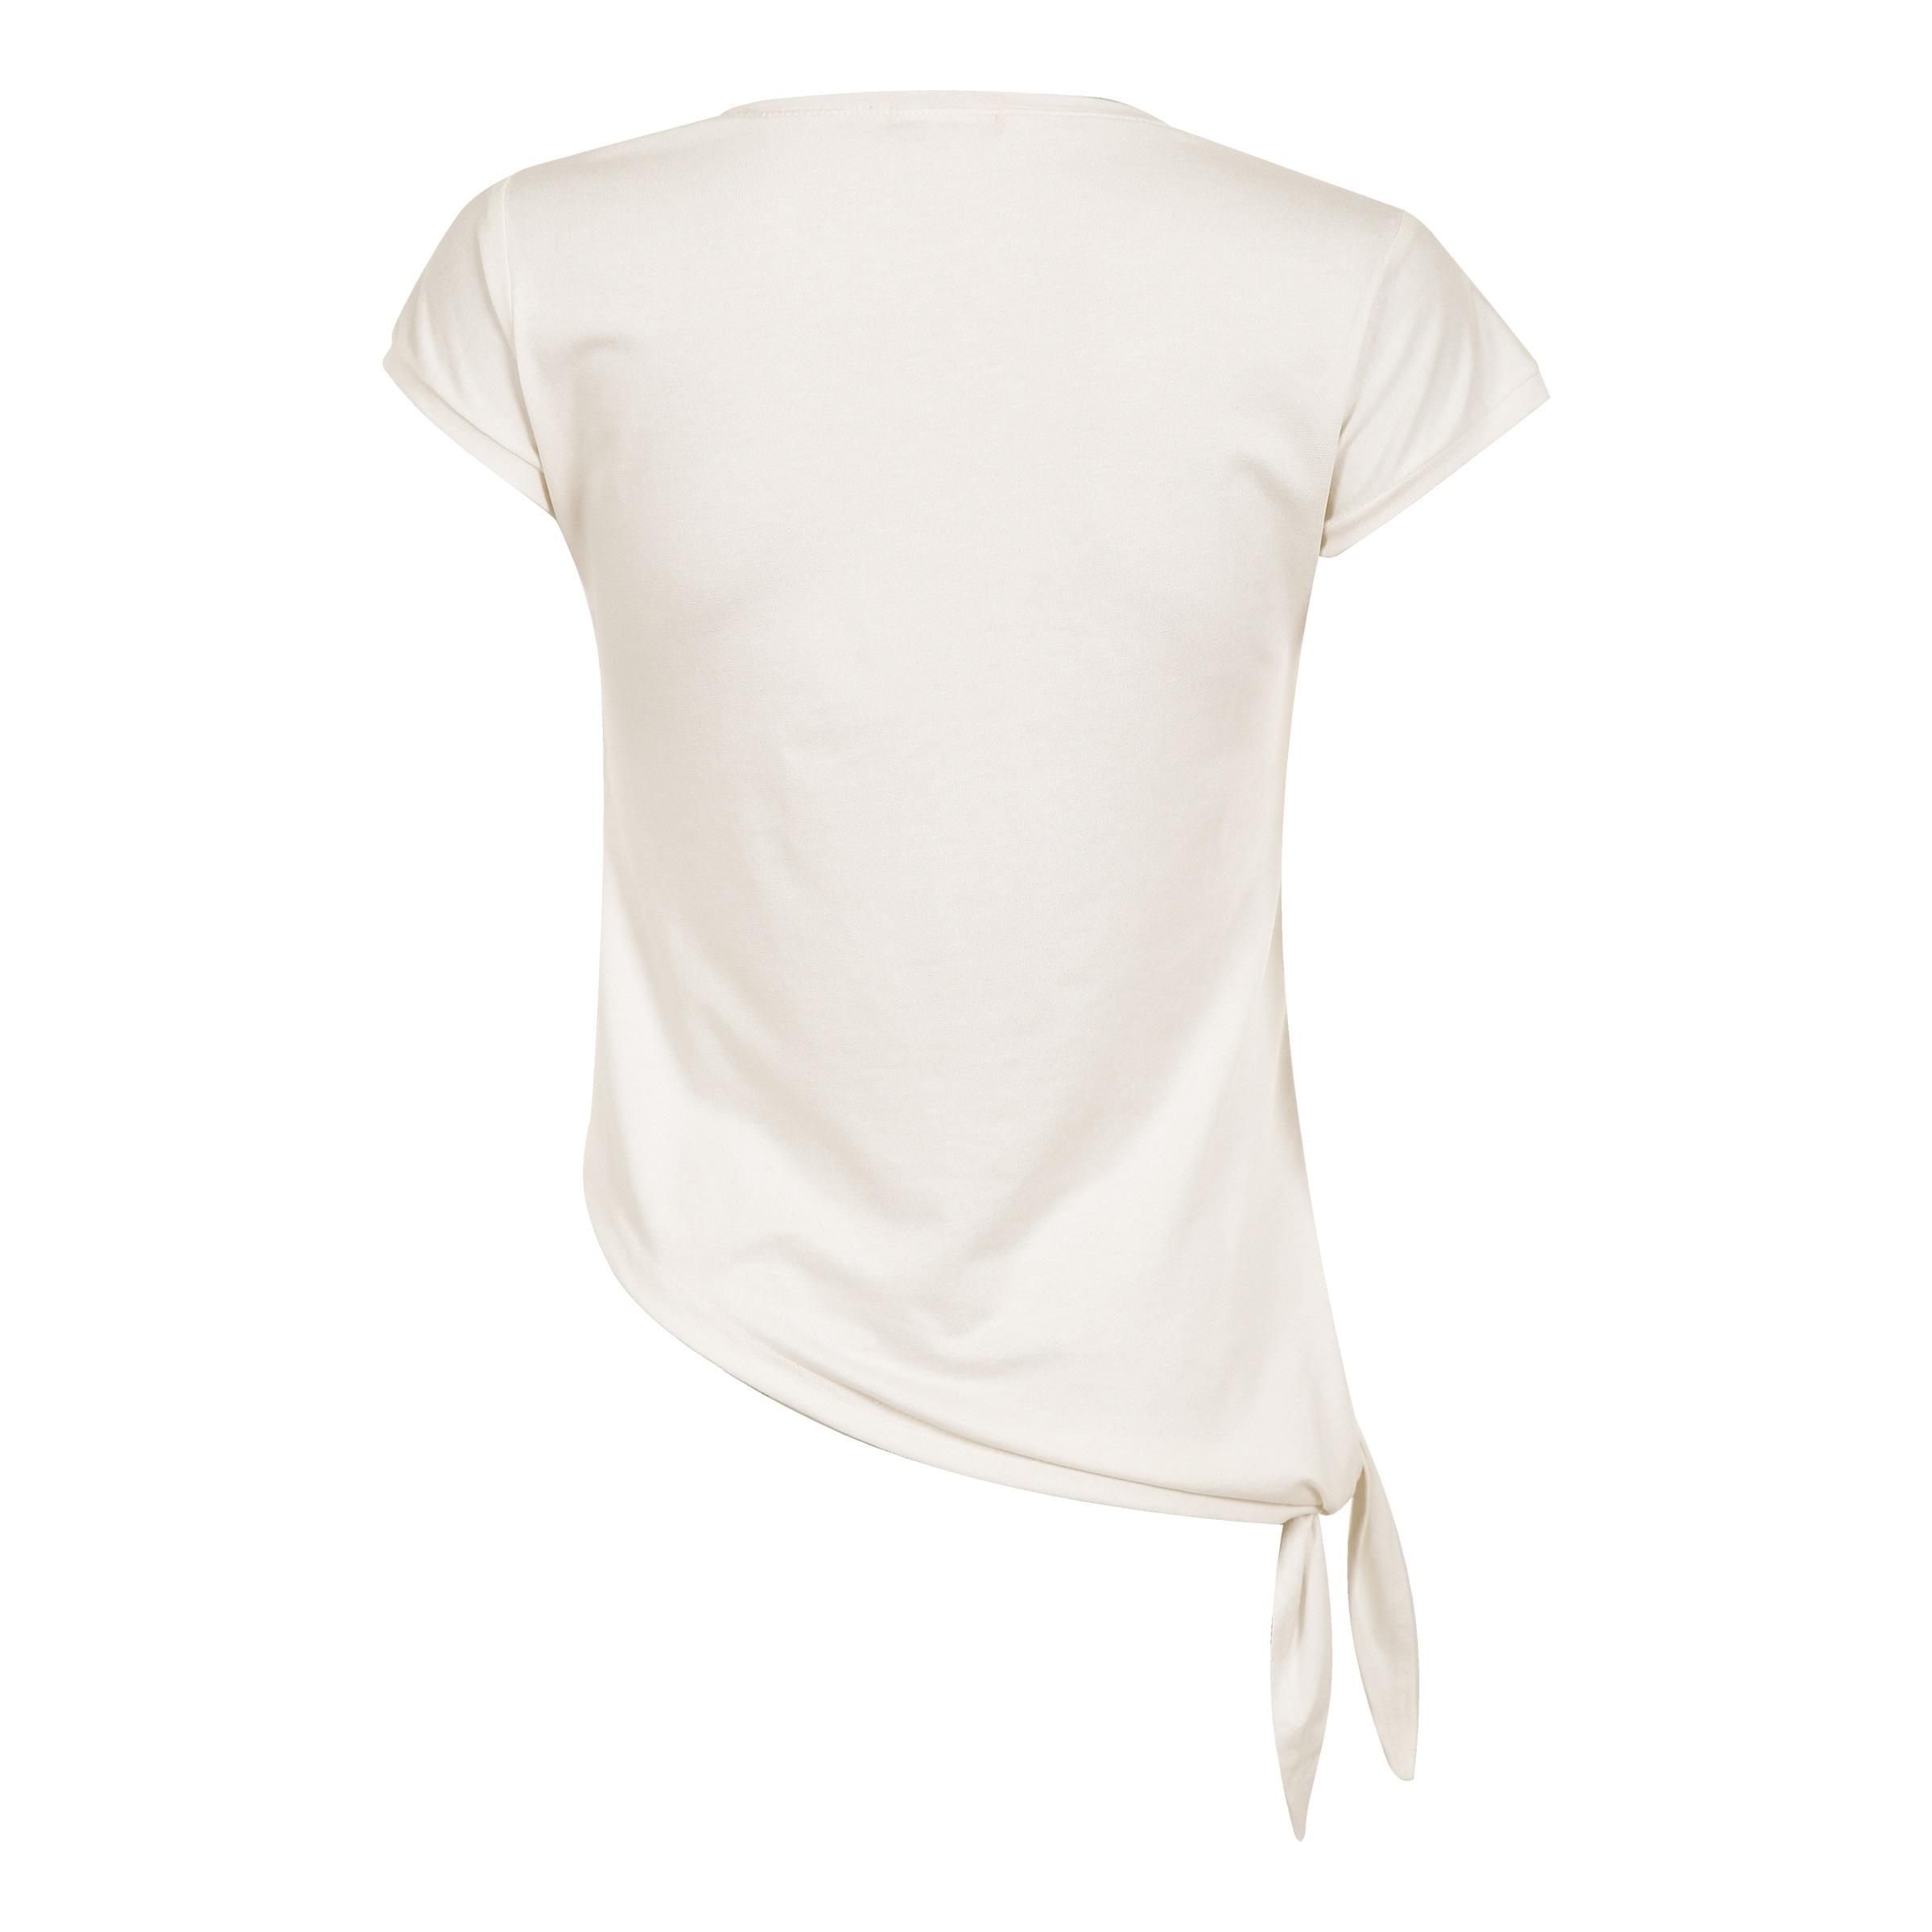 تی شرت زنانه مدل بستنی